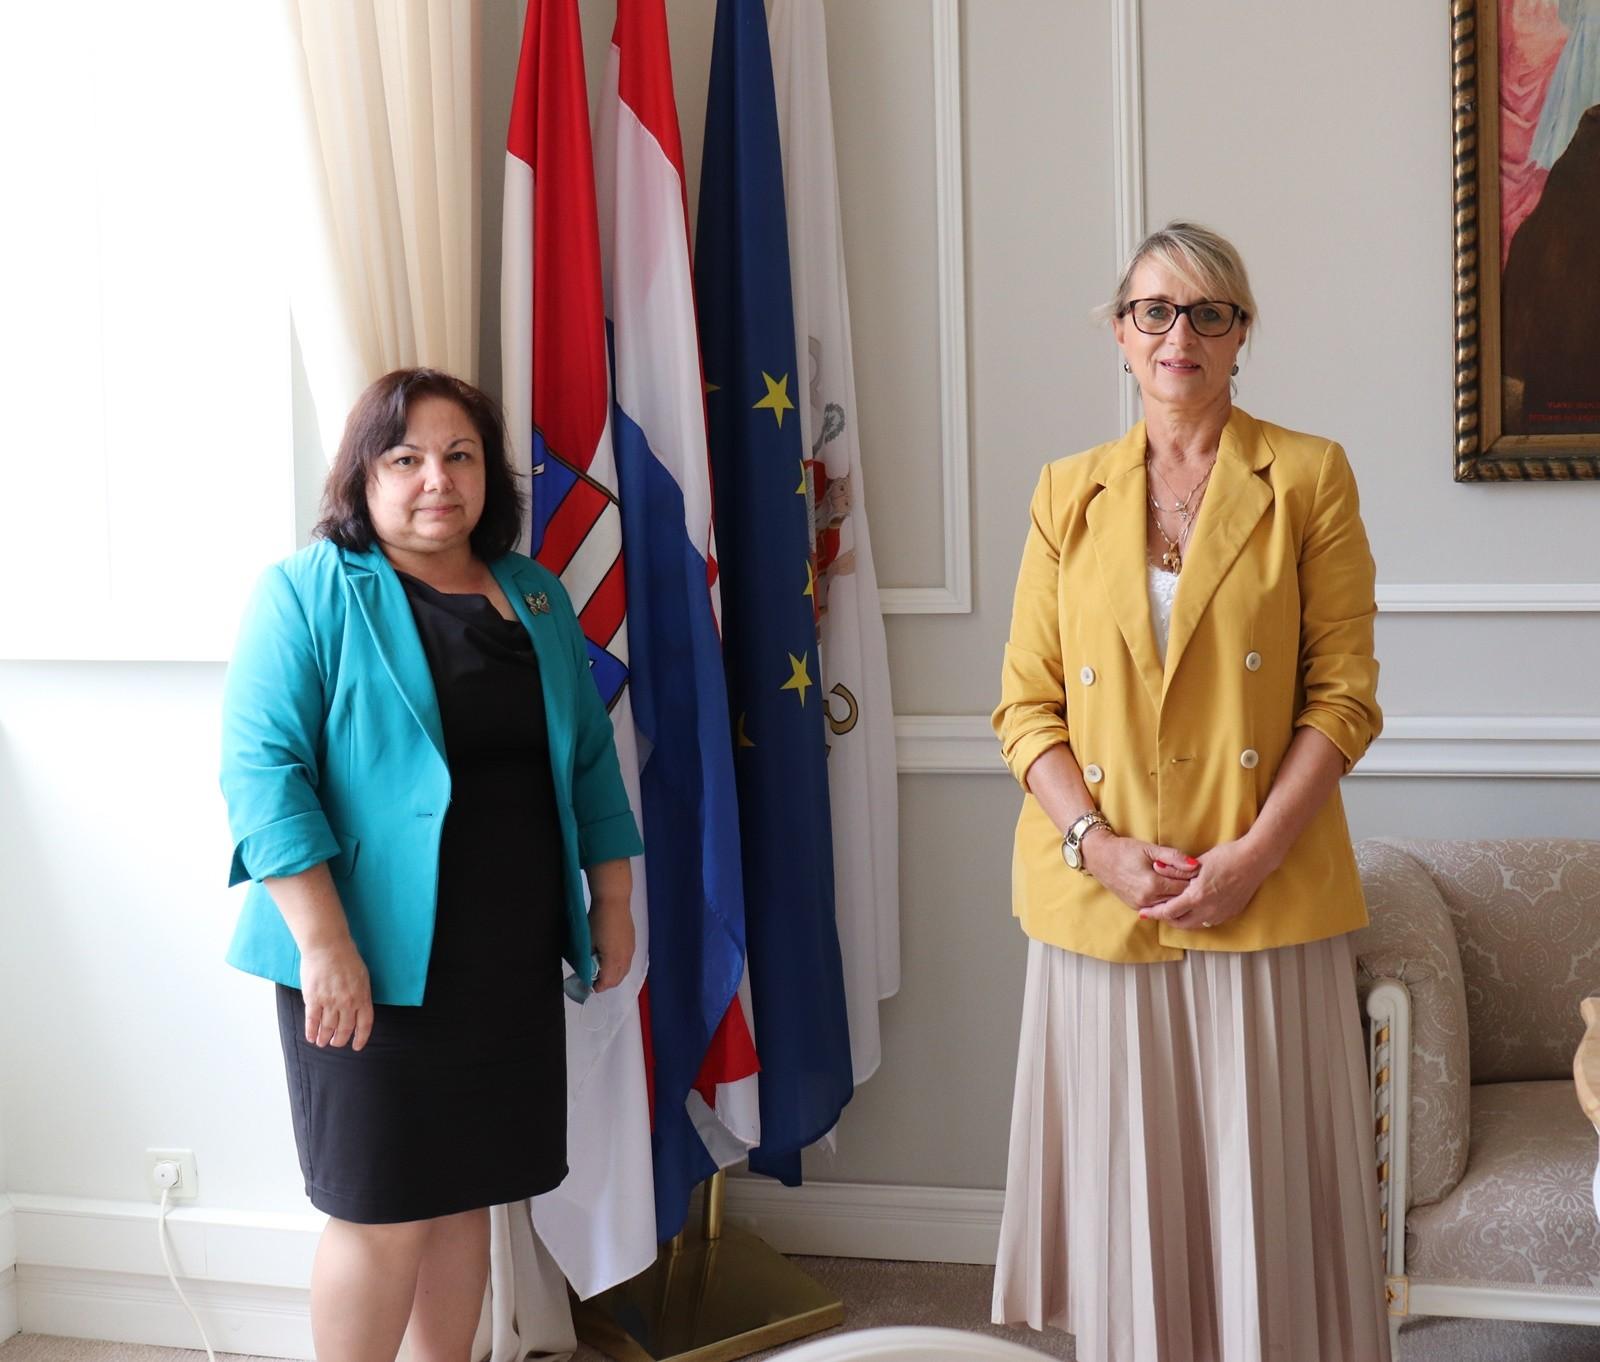 Zamjenica Tepšić primila veleposlanicu Republike Bugarske